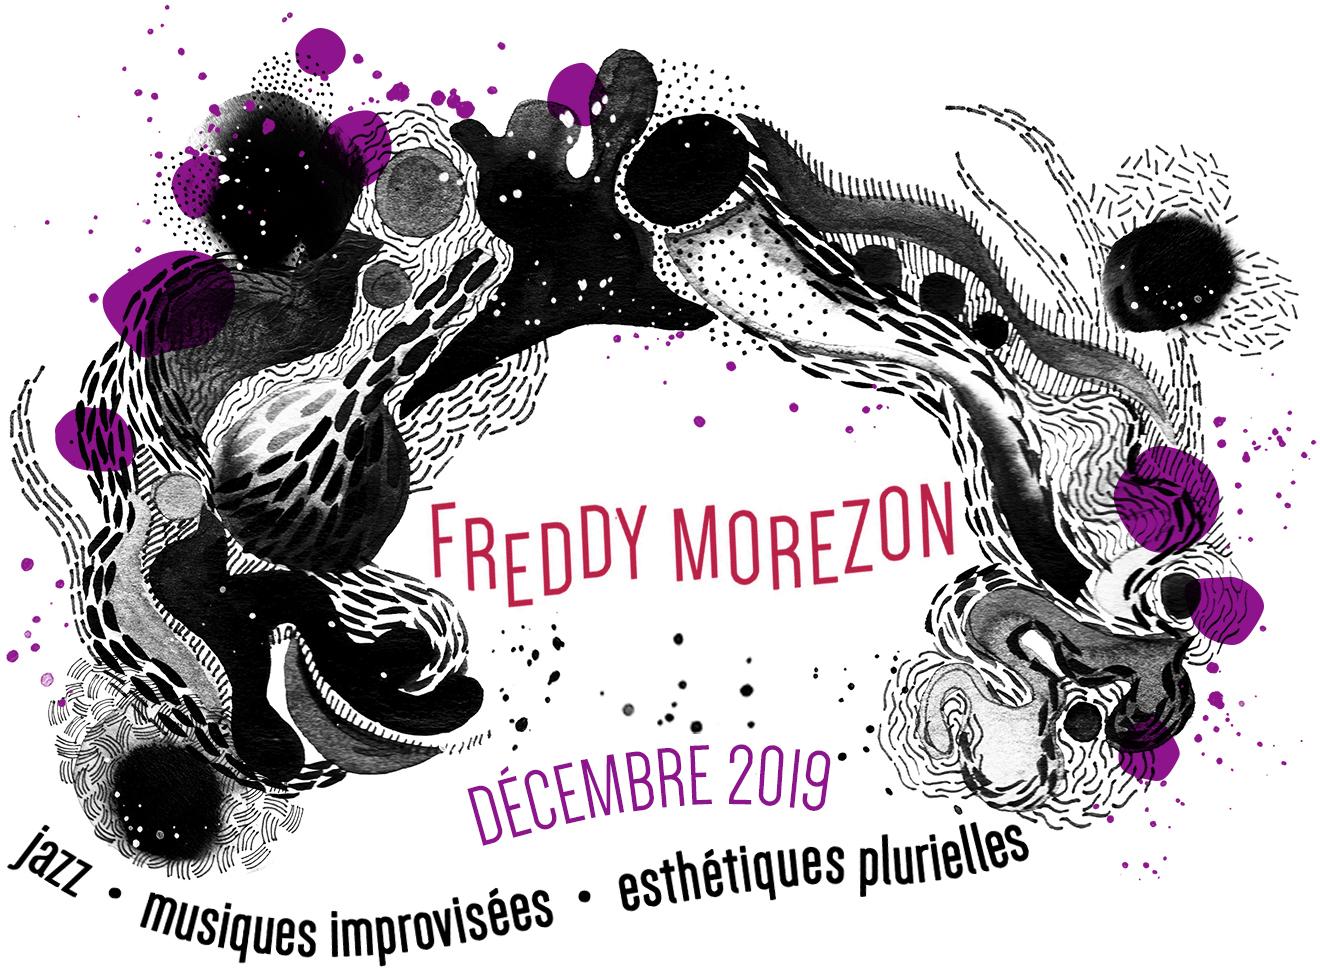 Freddy Morezon - Newsletter décembre 2019